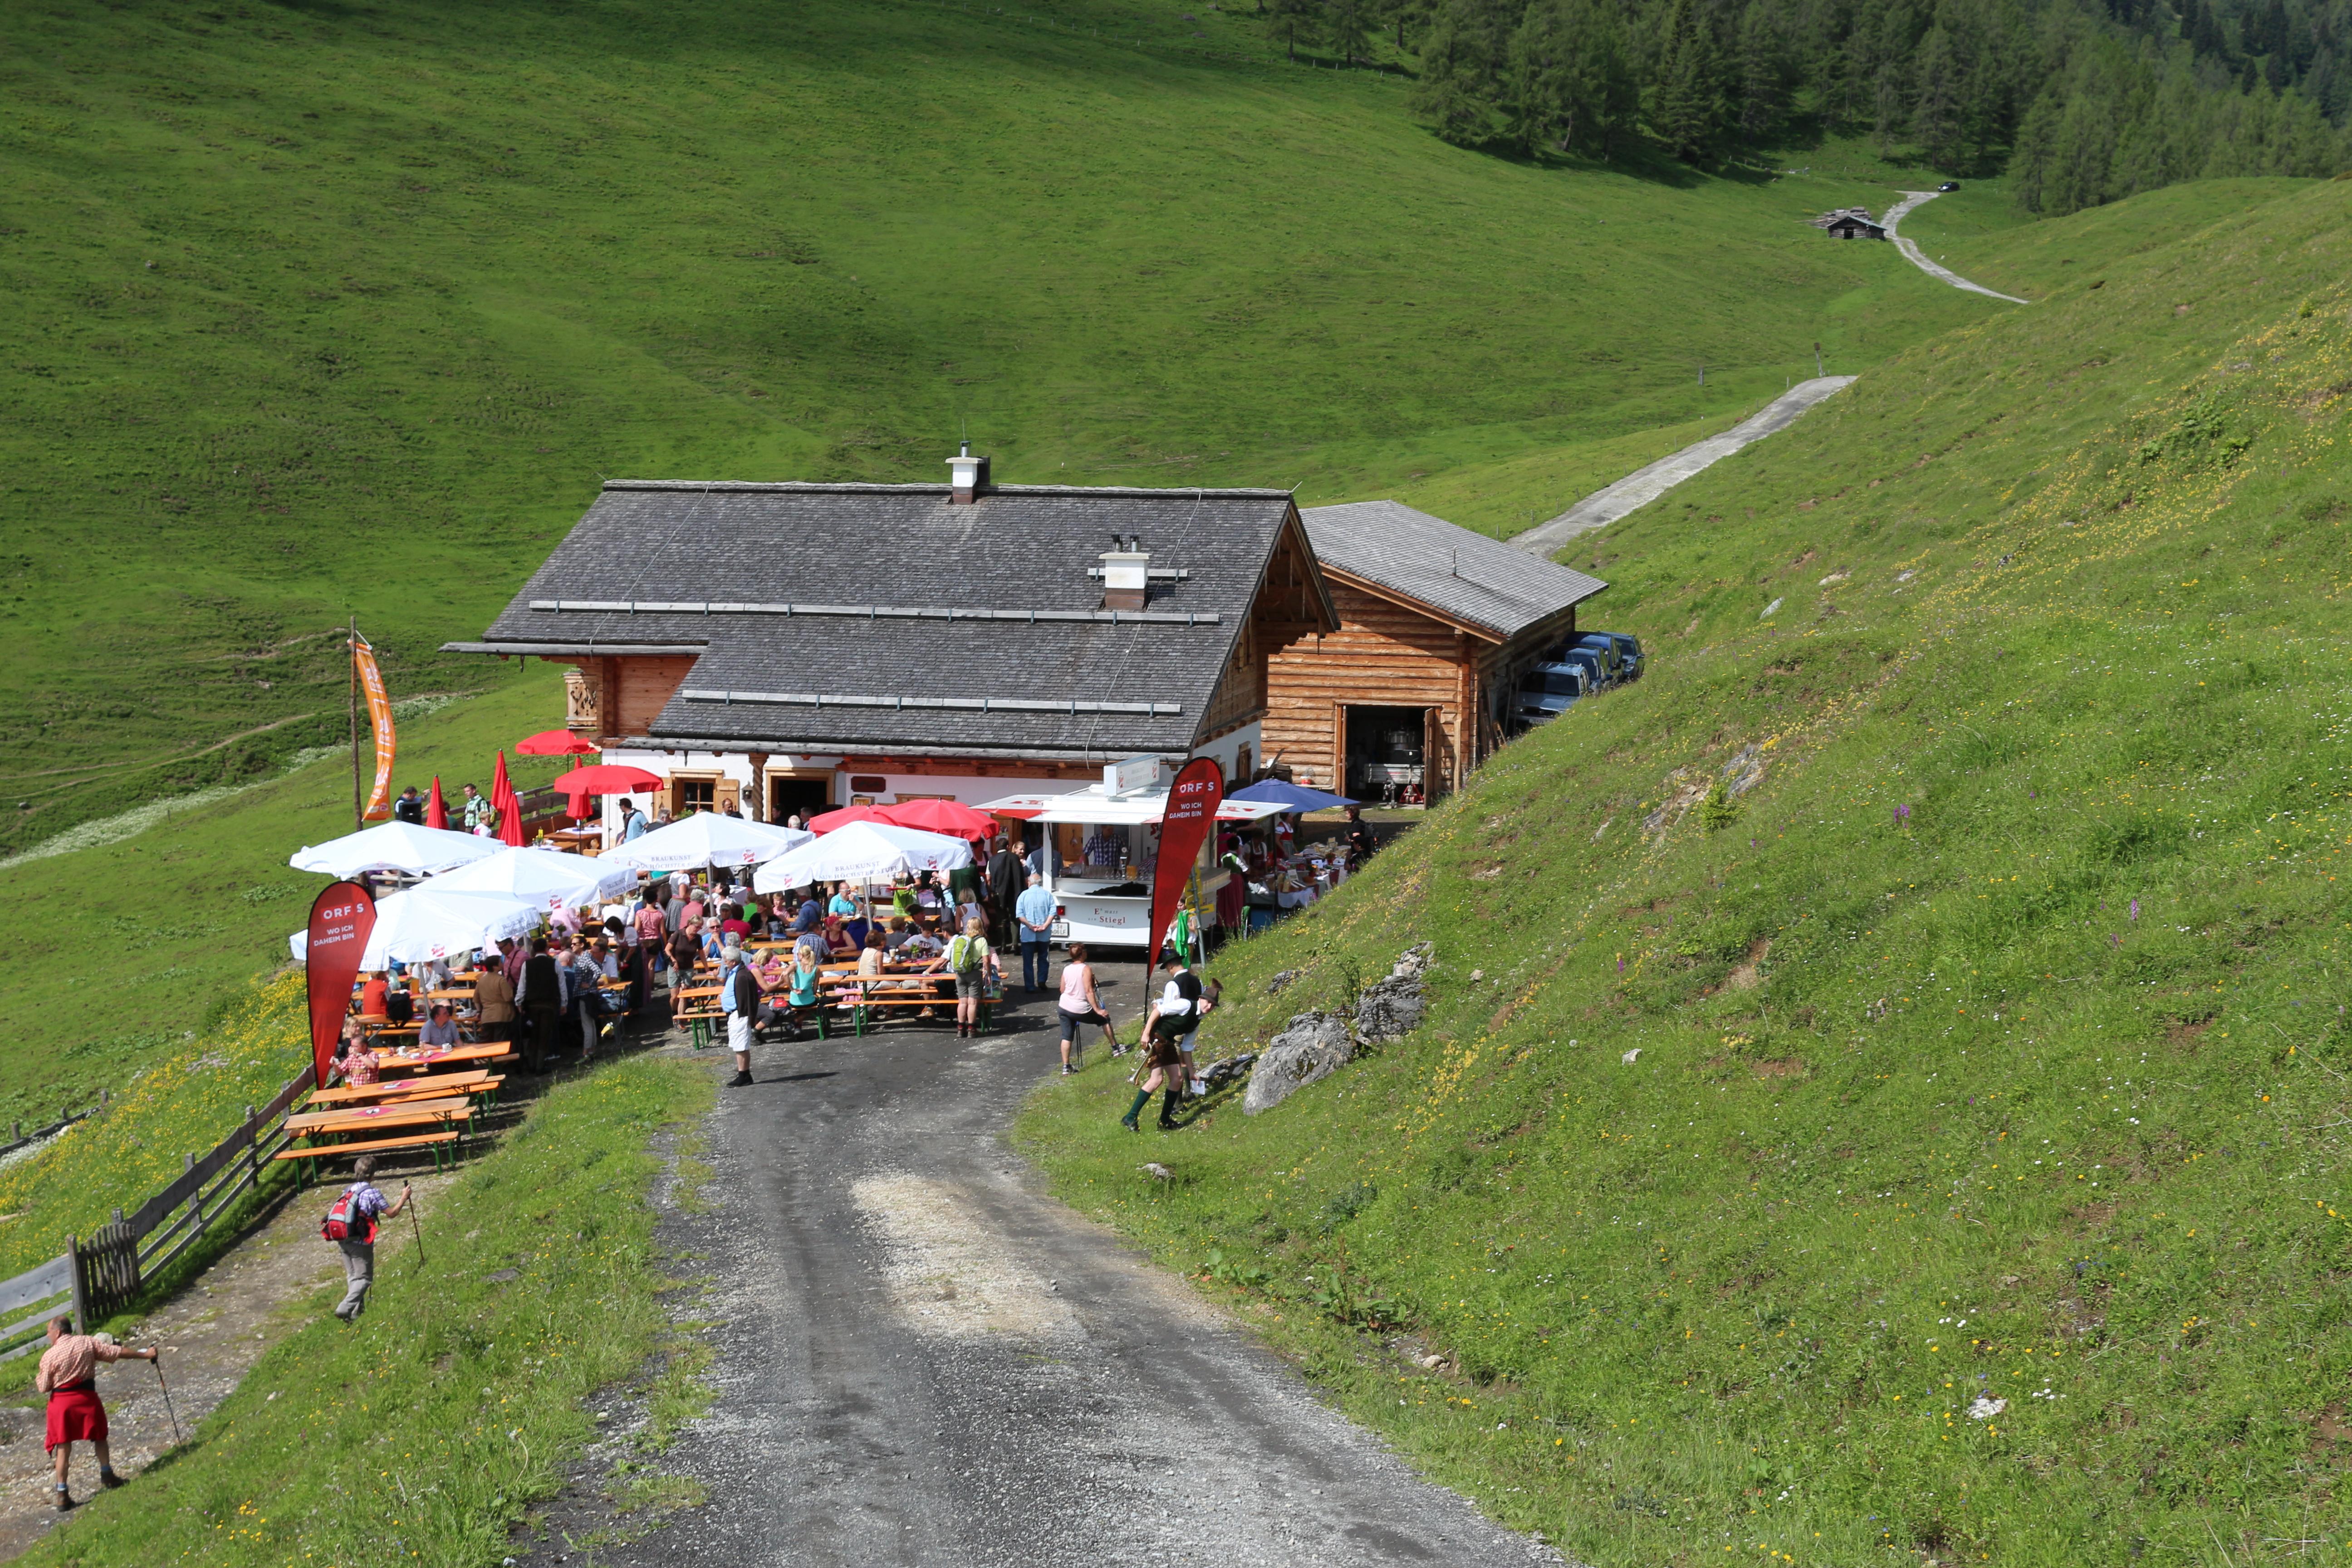 Tenengauer KäseAlm in St. Martin am Tennengebirge